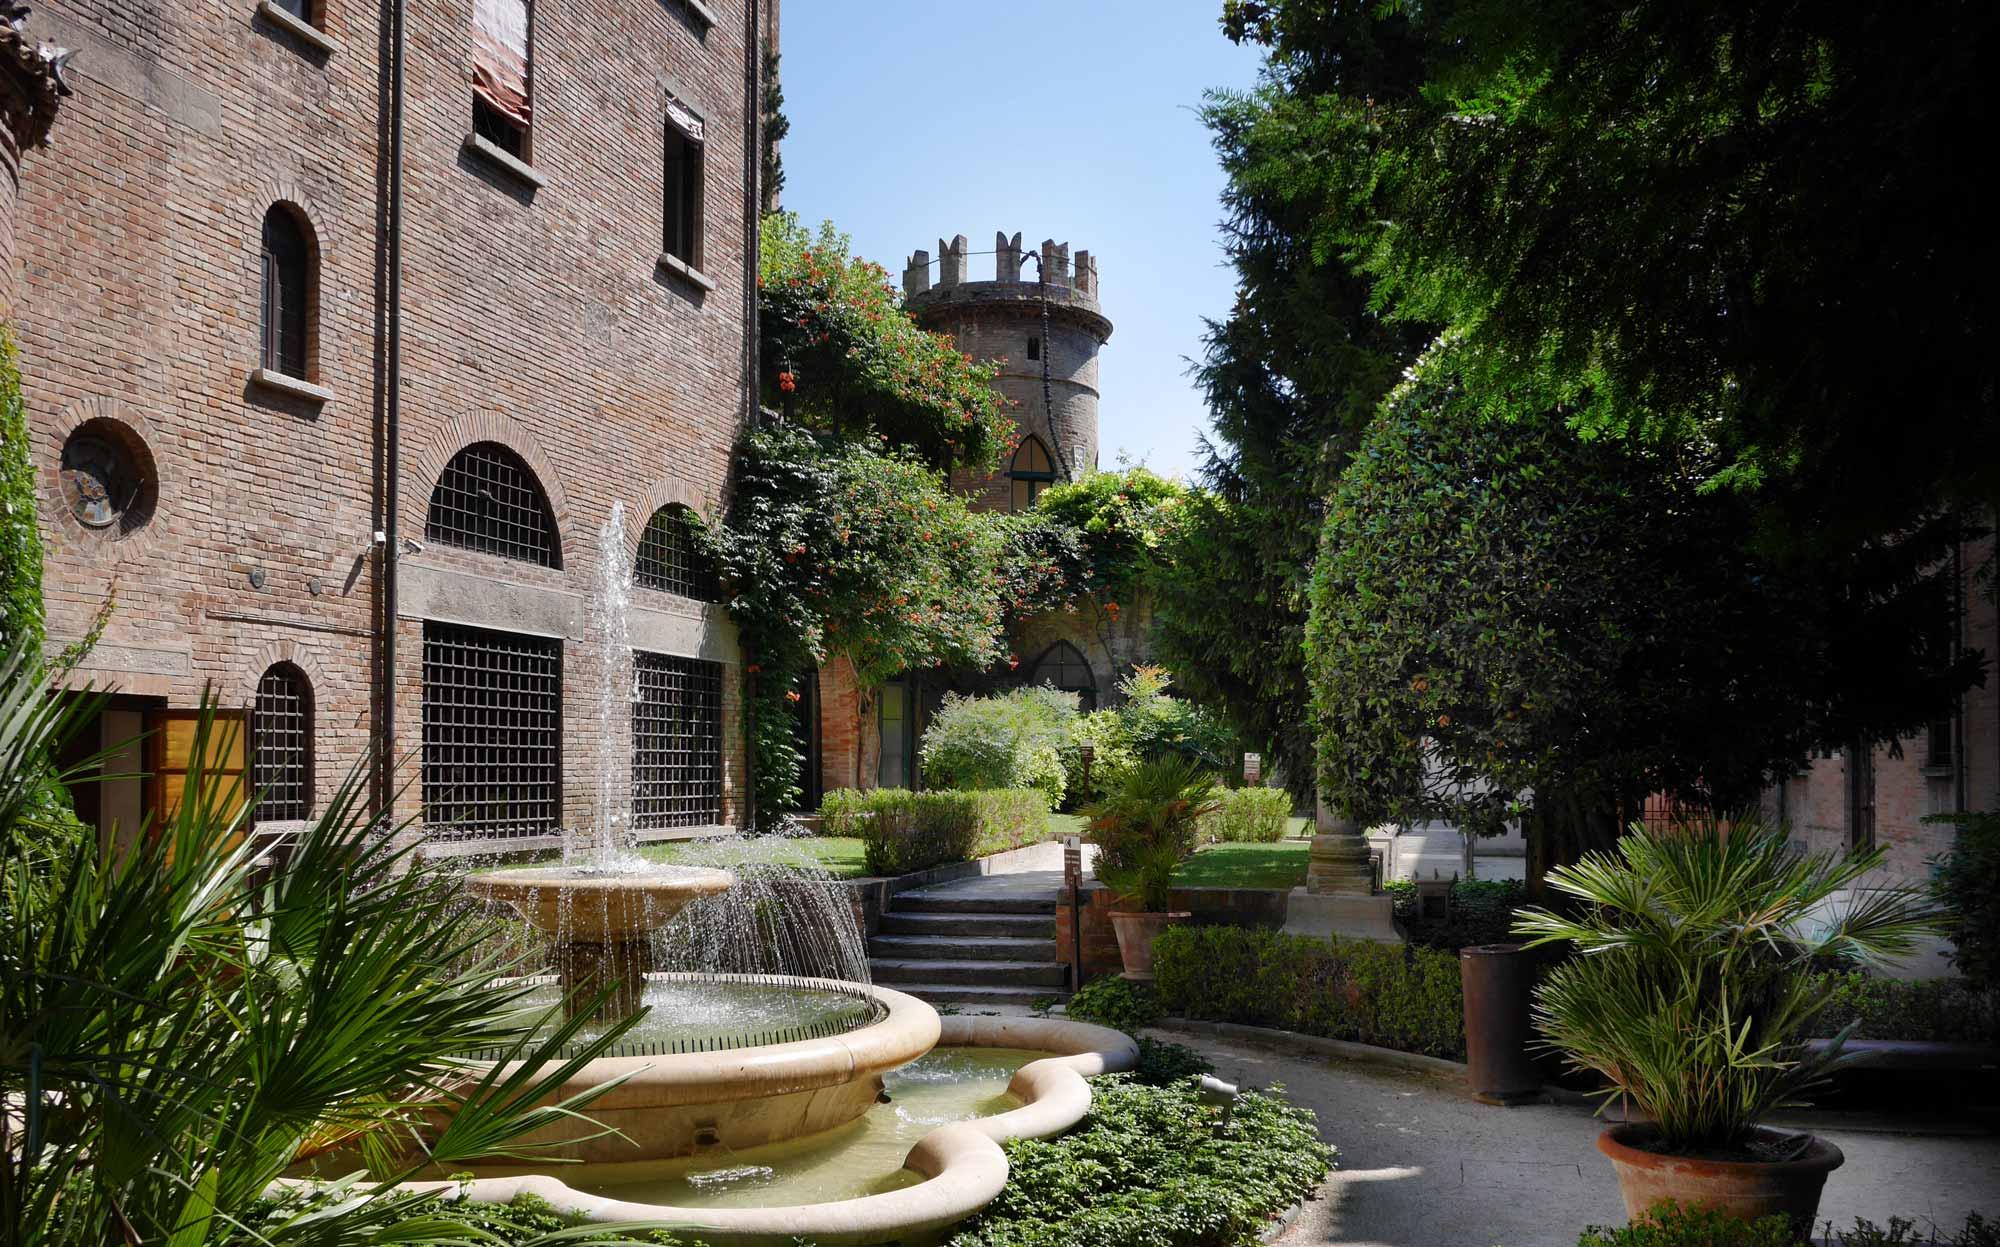 Cripta rasponi giardini pensili del palazzo della provincia fondazione parco archeologico di - I giardini di palazzo rucellai ...